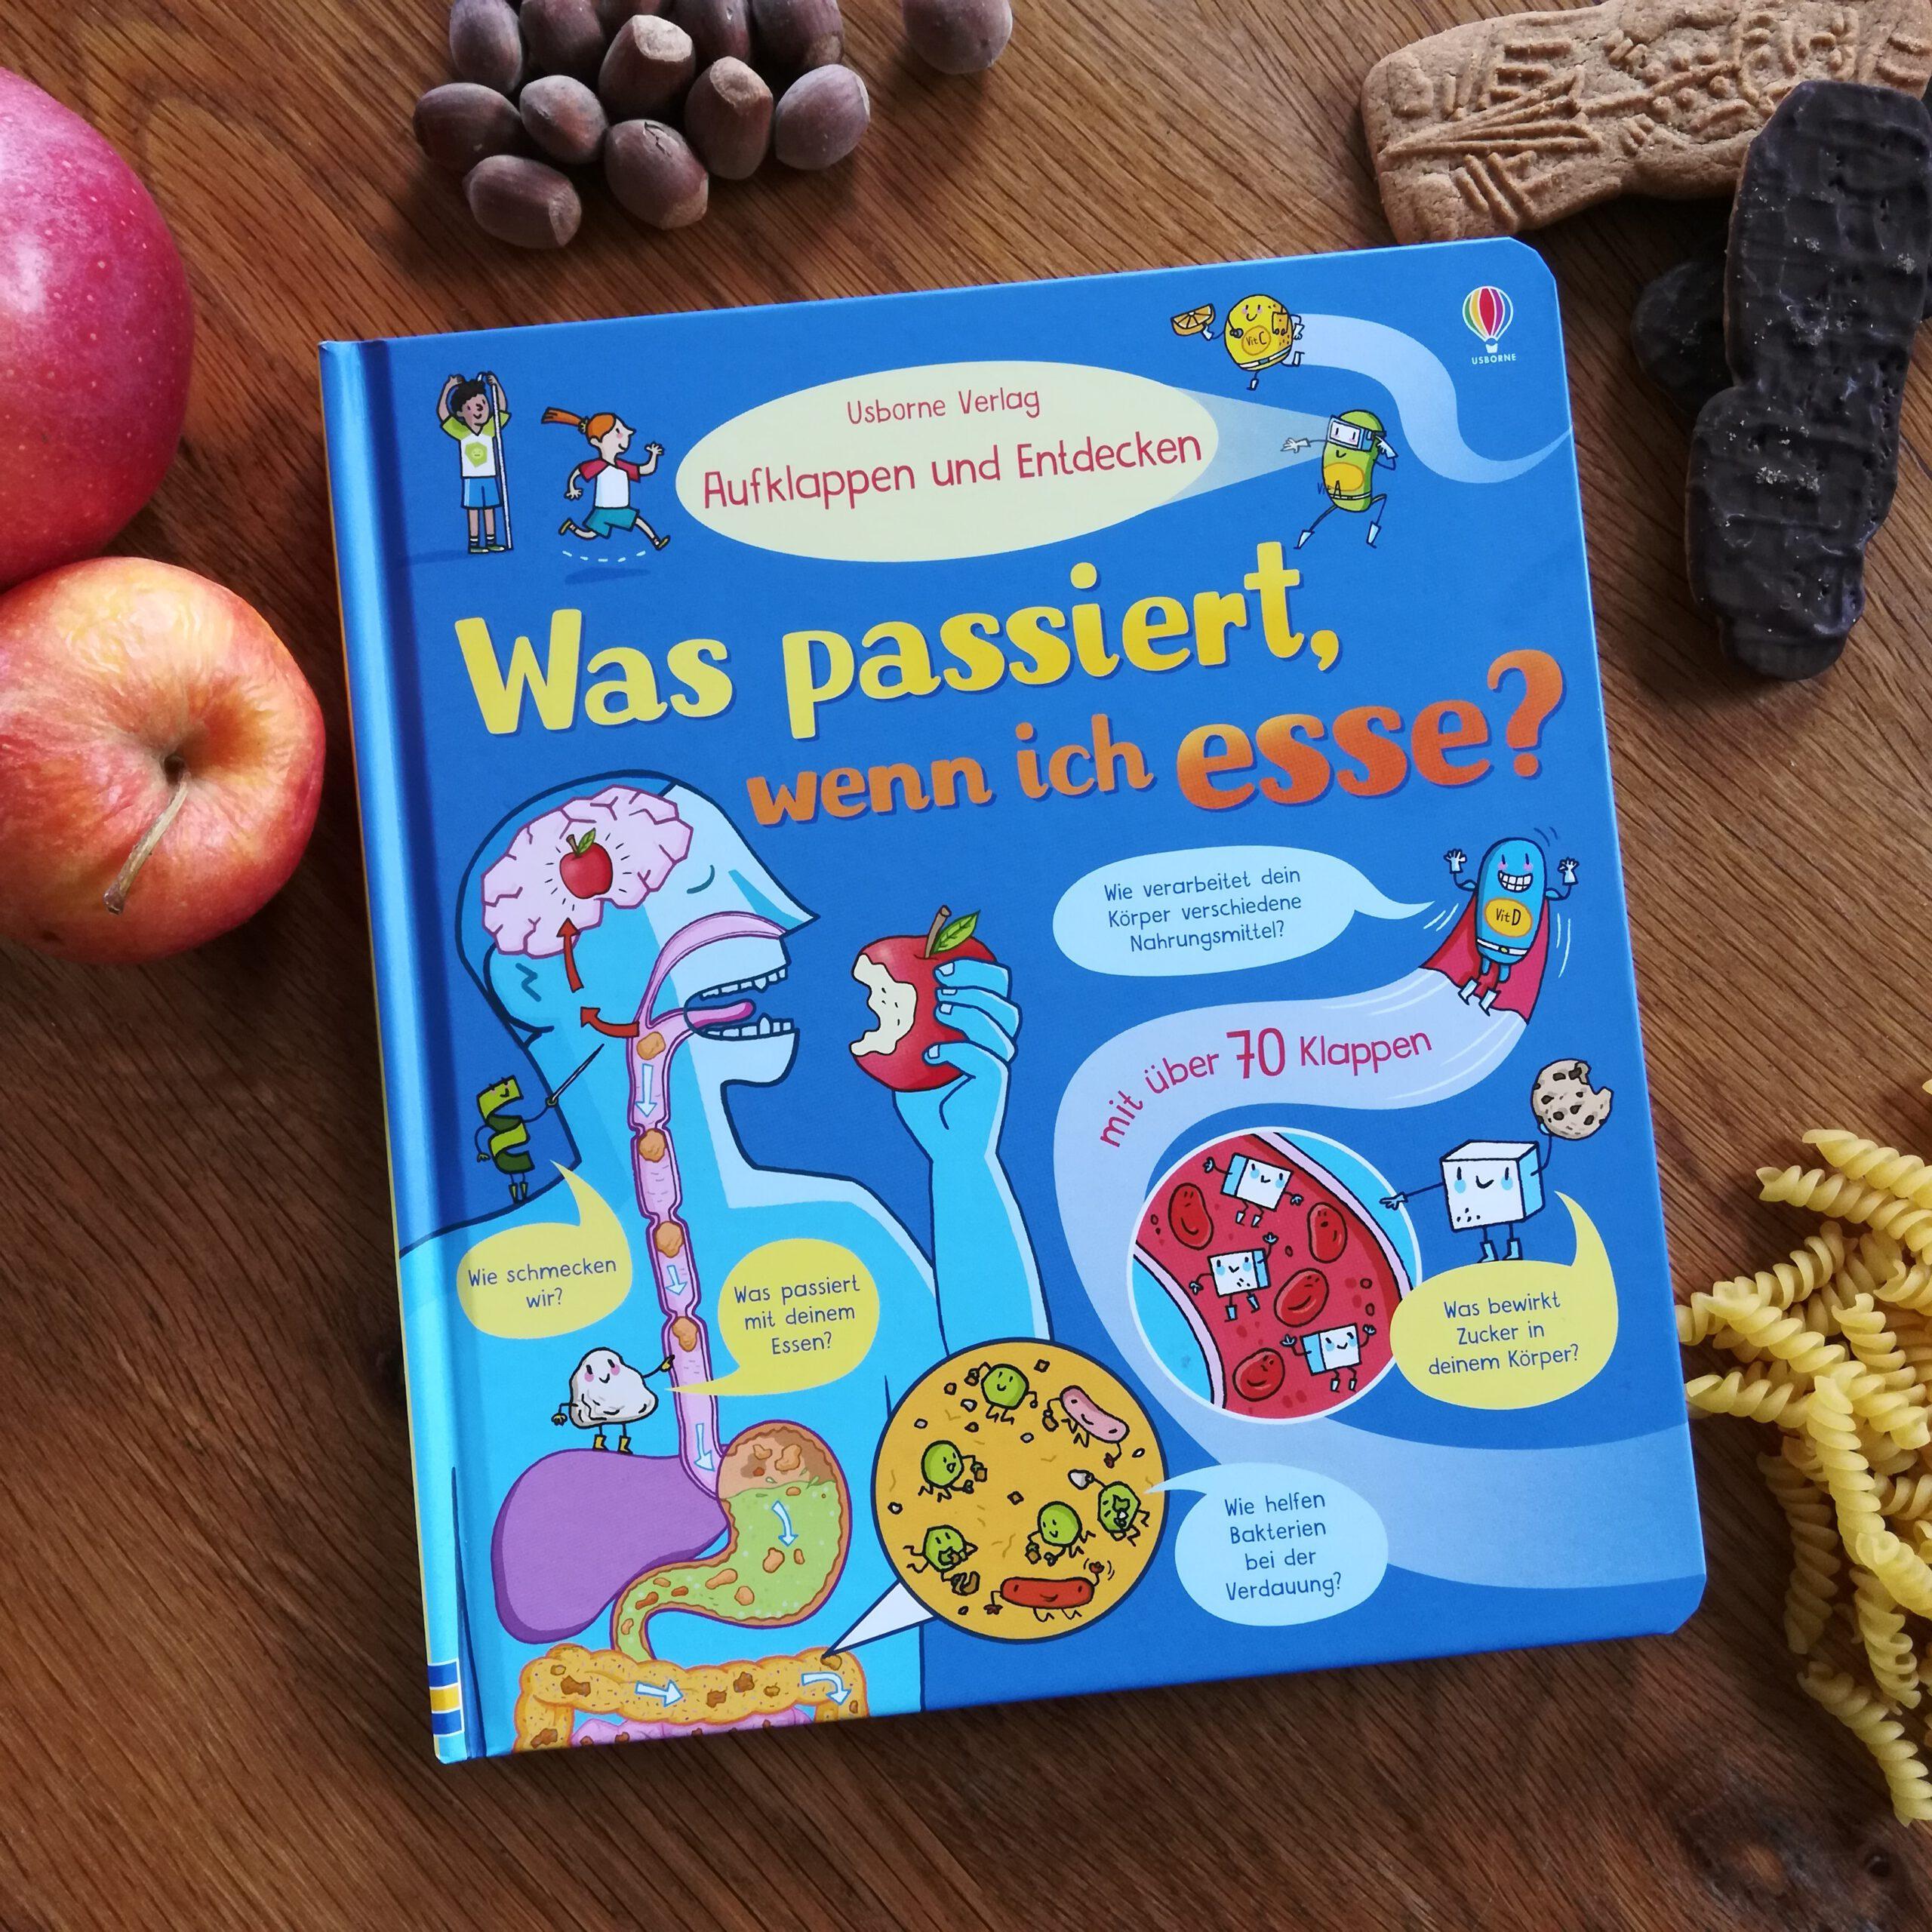 """""""Was passiert, wenn ich esse?"""" – Usborne Verlag Aufklappen und Entdecken"""